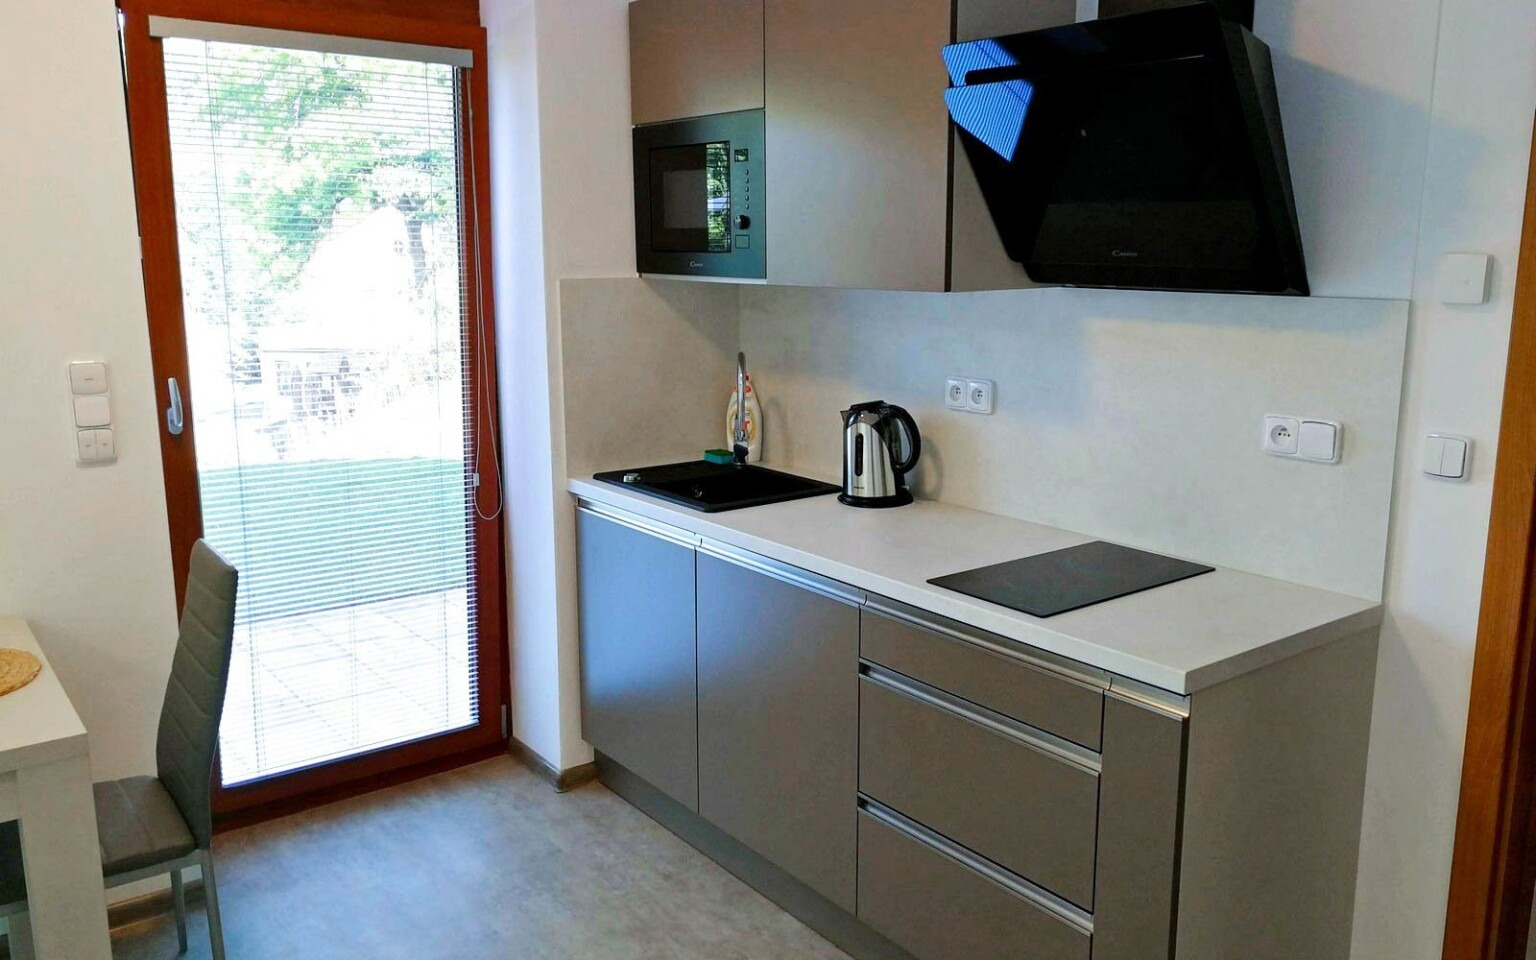 Součástí apartmánu je vybavený kuchyňský kout